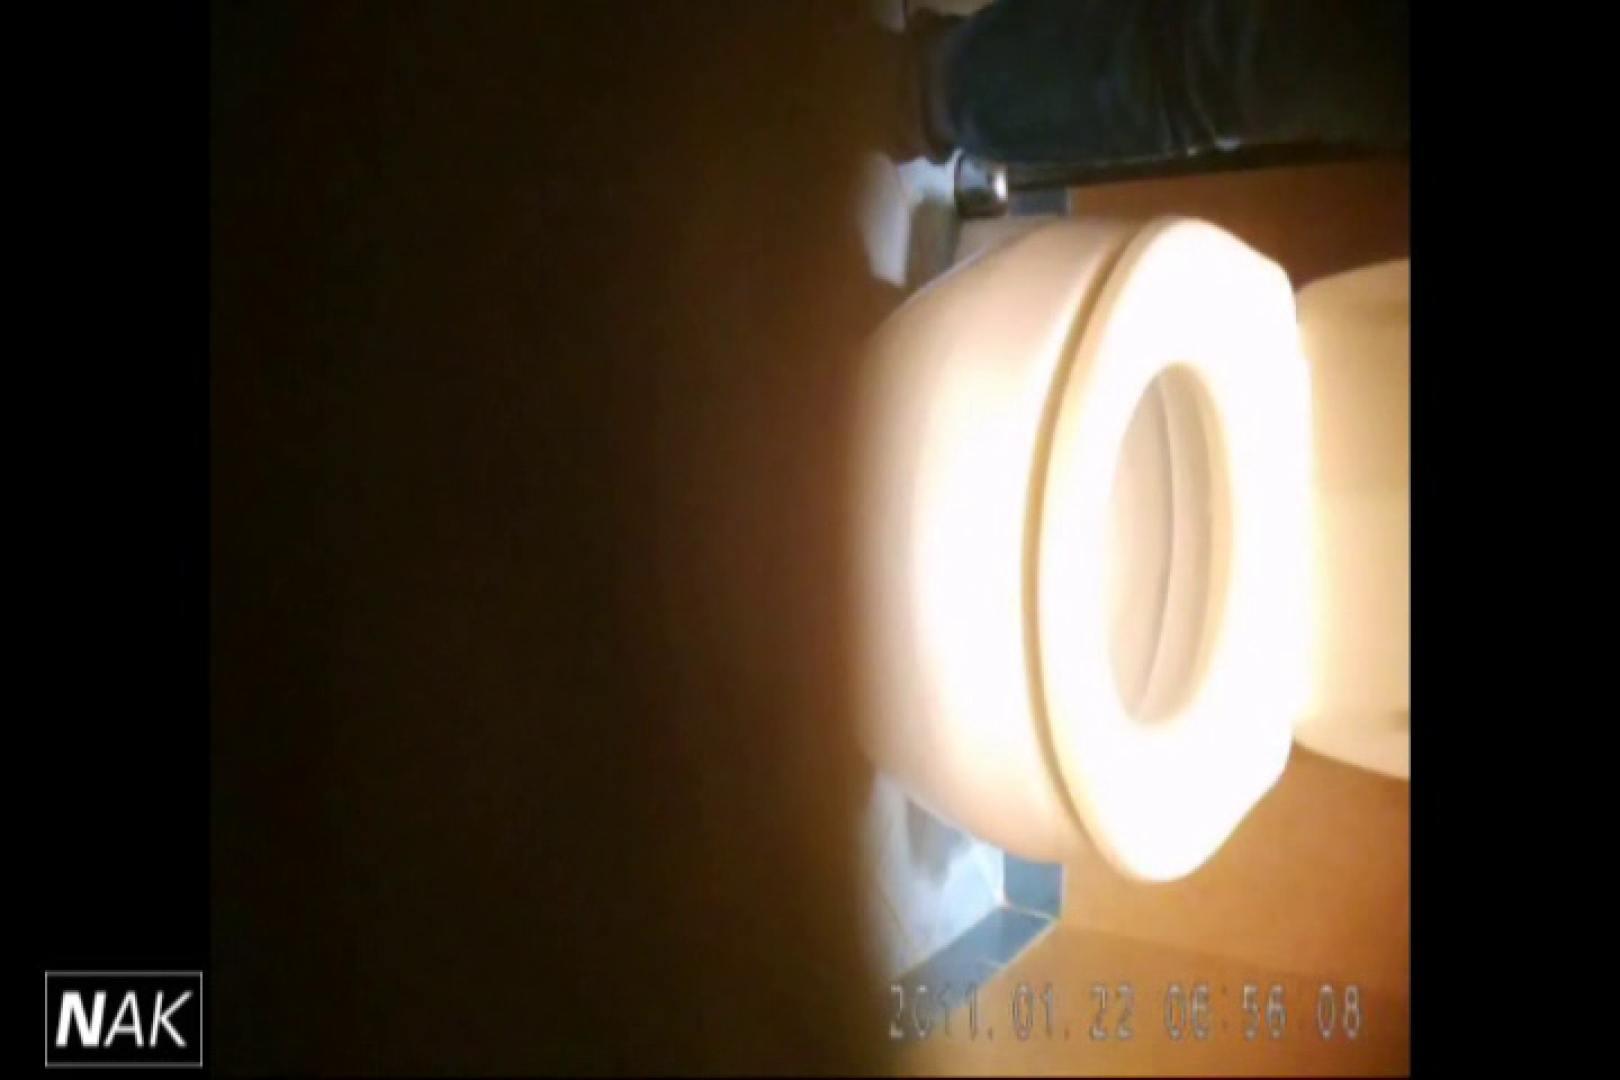 せん八さんの厠観察日記!2点監視カメラ 高画質5000K vol.10 高画質 盗撮画像 86pic 25